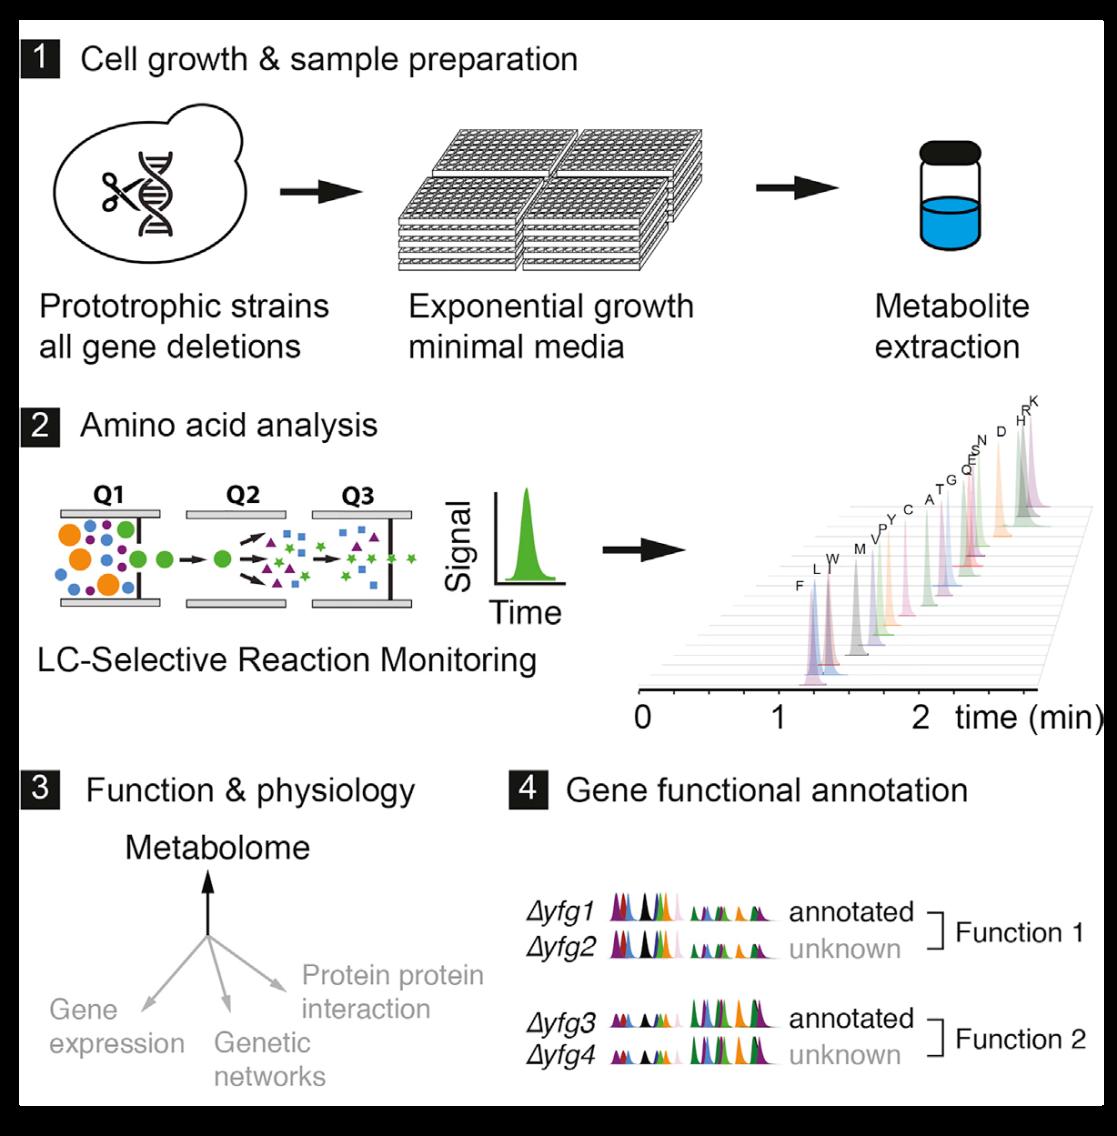 功能代谢组学阐述酵母生物合成调控